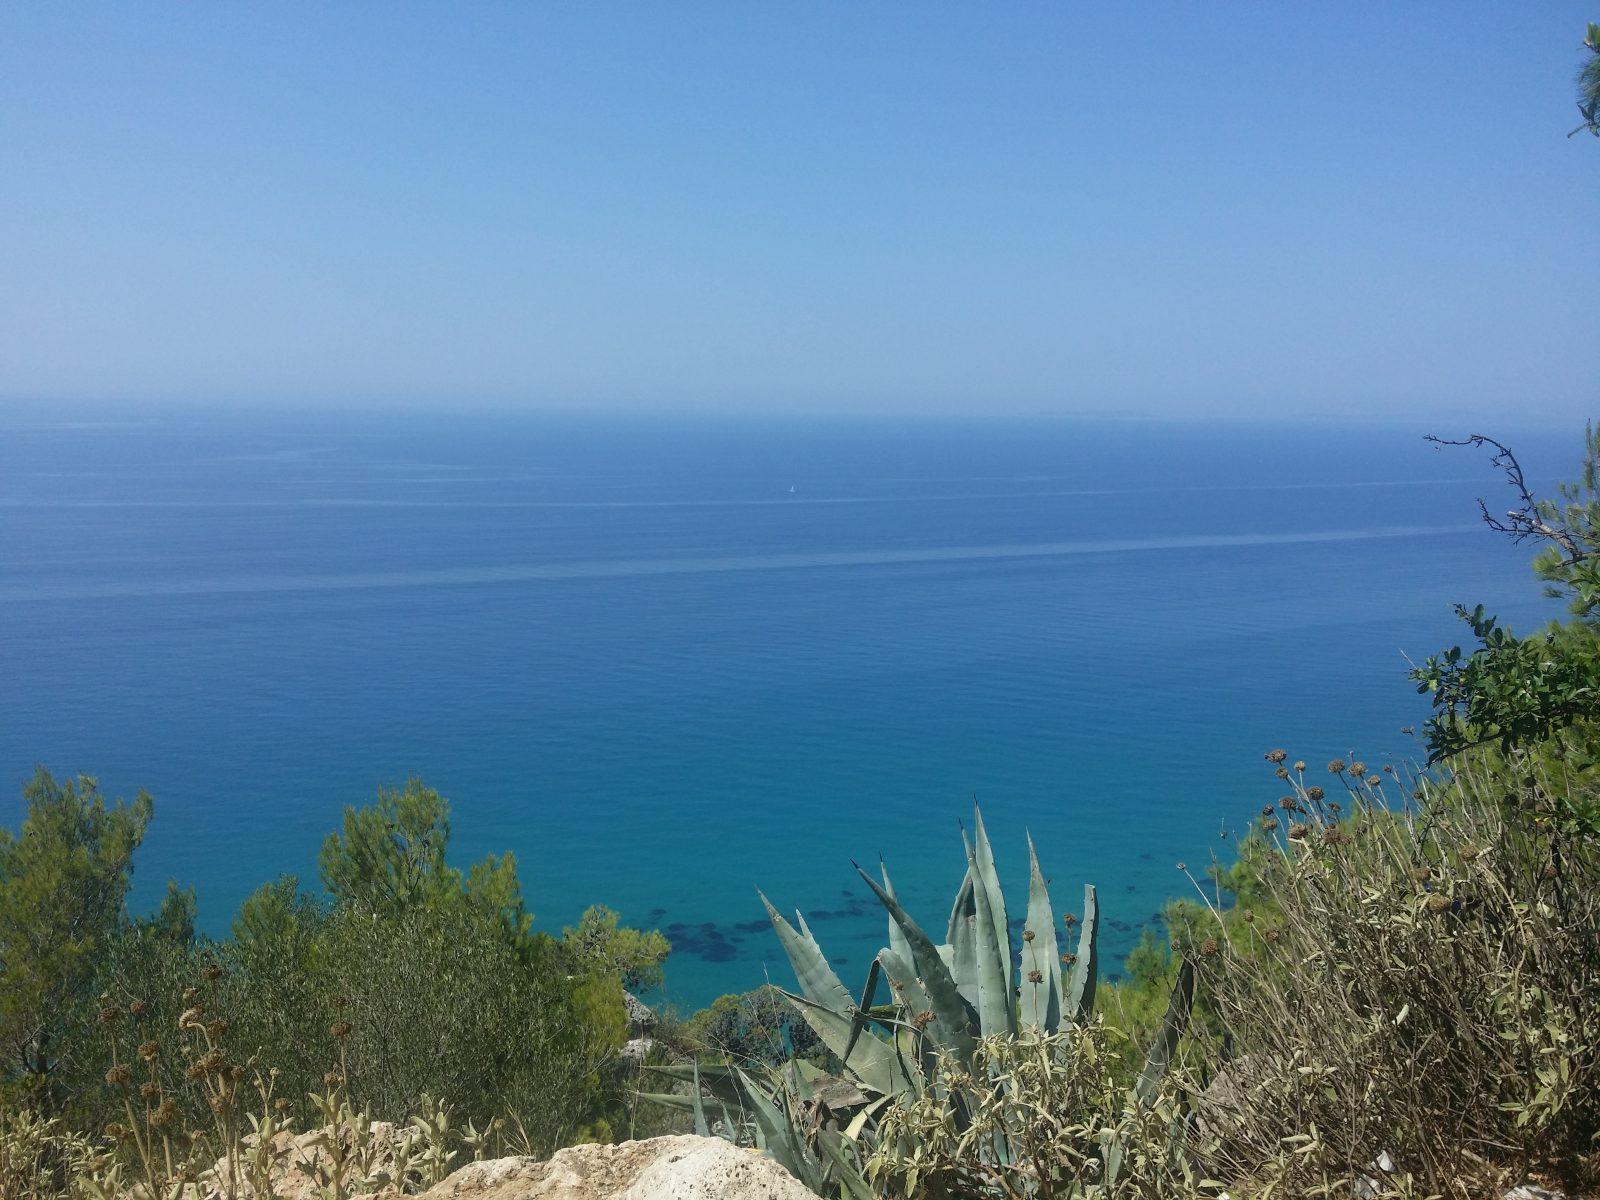 Vrahos apartmani letovanje grcka, kristalno cisto more